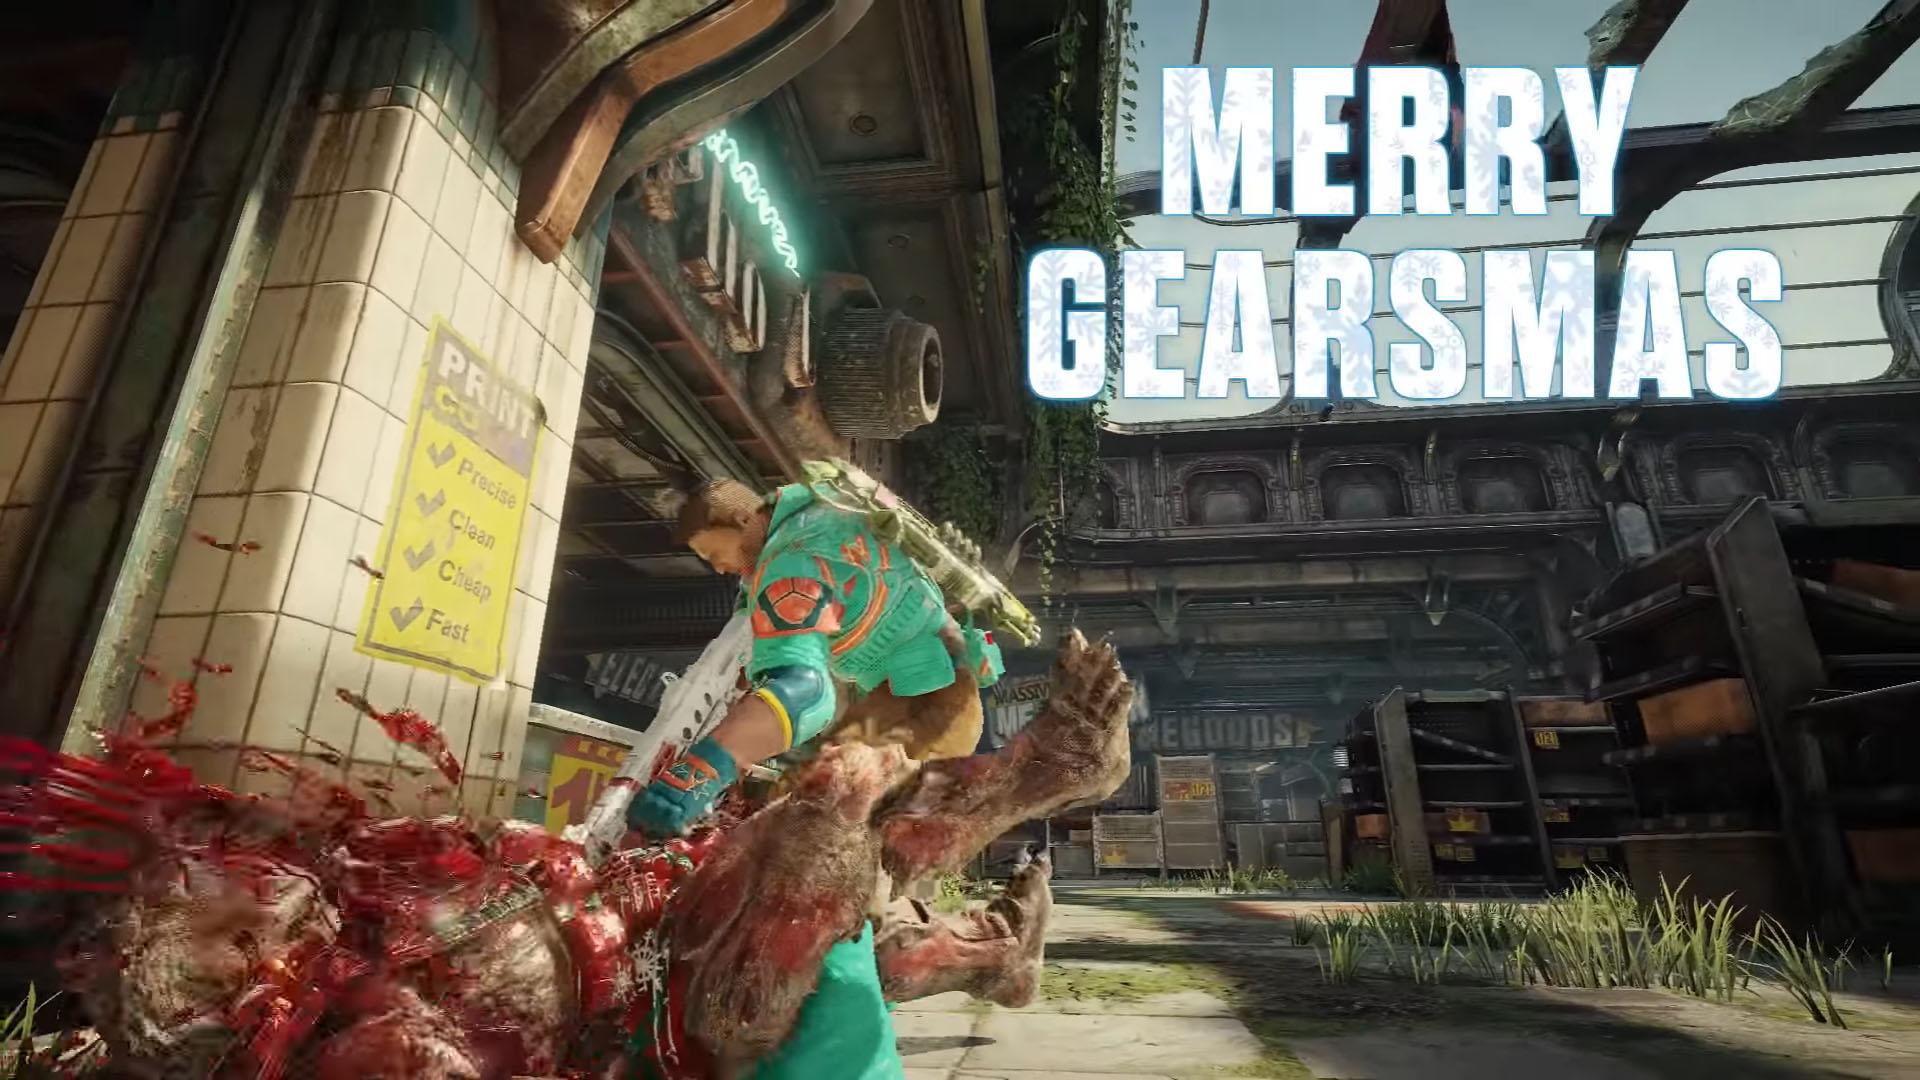 Gears of War 4 Gearsmas 2 Merry Gearsmas from The Coalition   Gears of War 4 Gearsmas Items Revealed